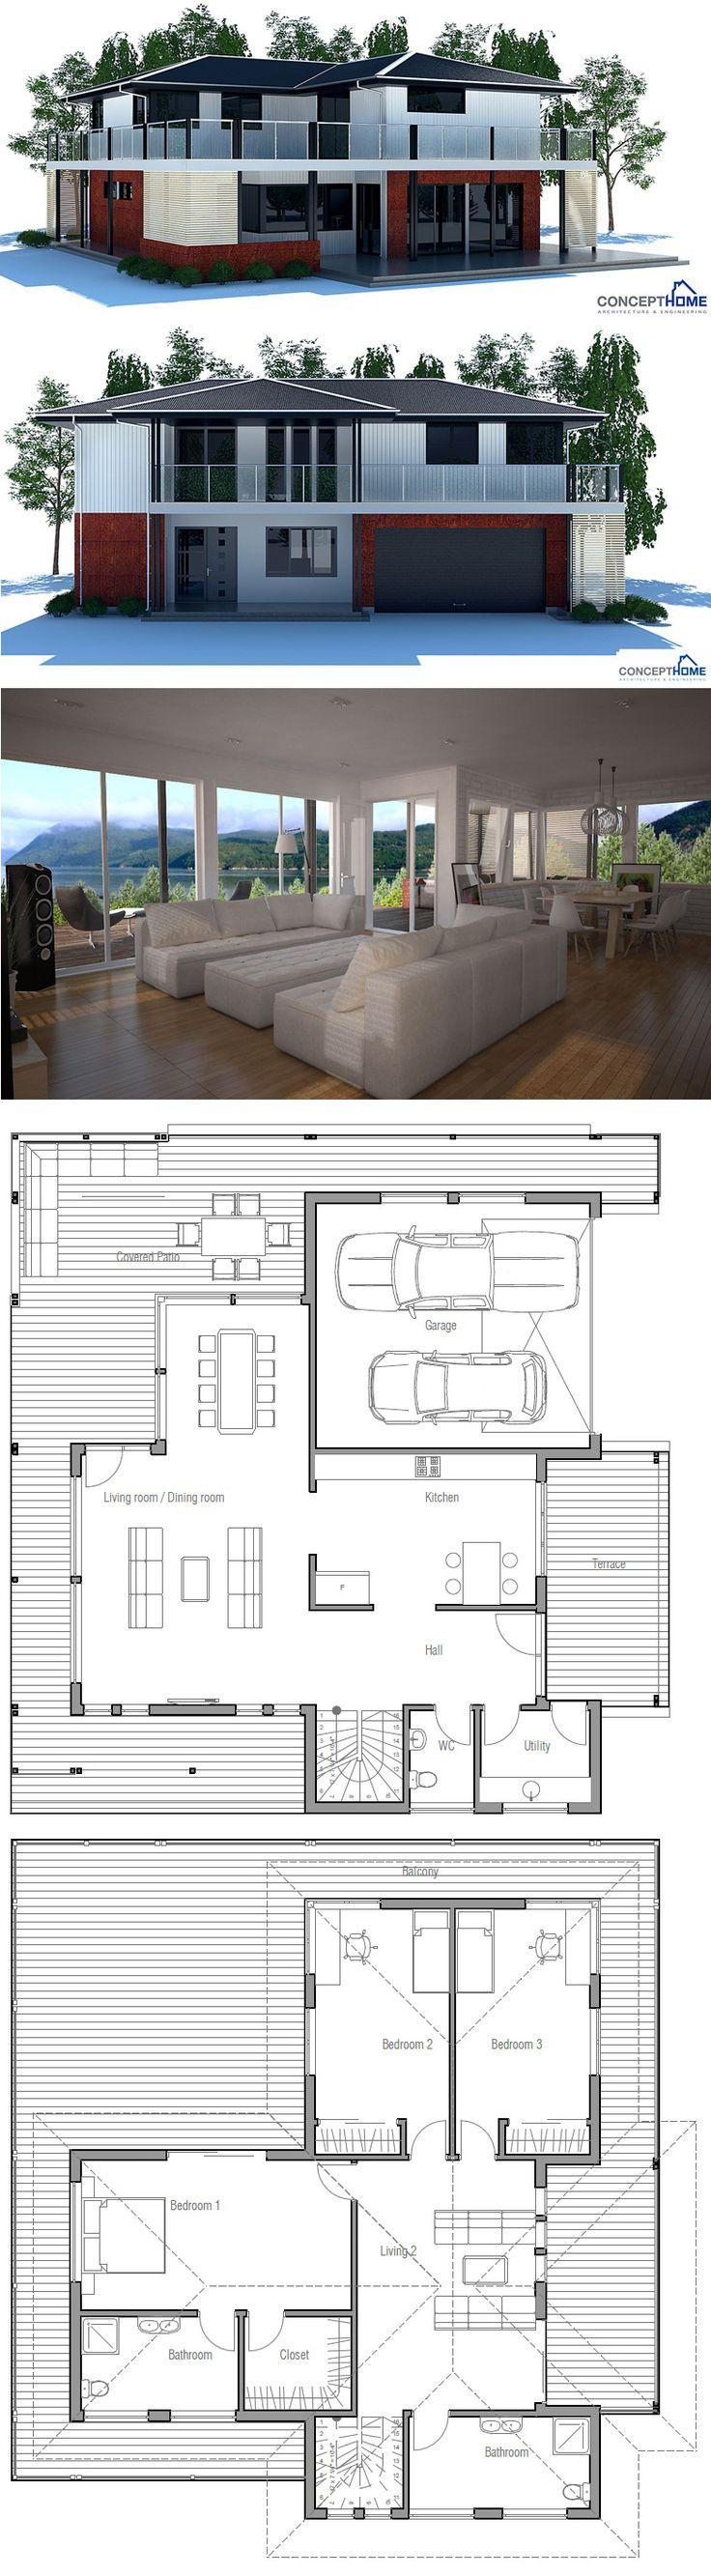 die besten 25 moderne hausentw rfe ideen auf pinterest. Black Bedroom Furniture Sets. Home Design Ideas